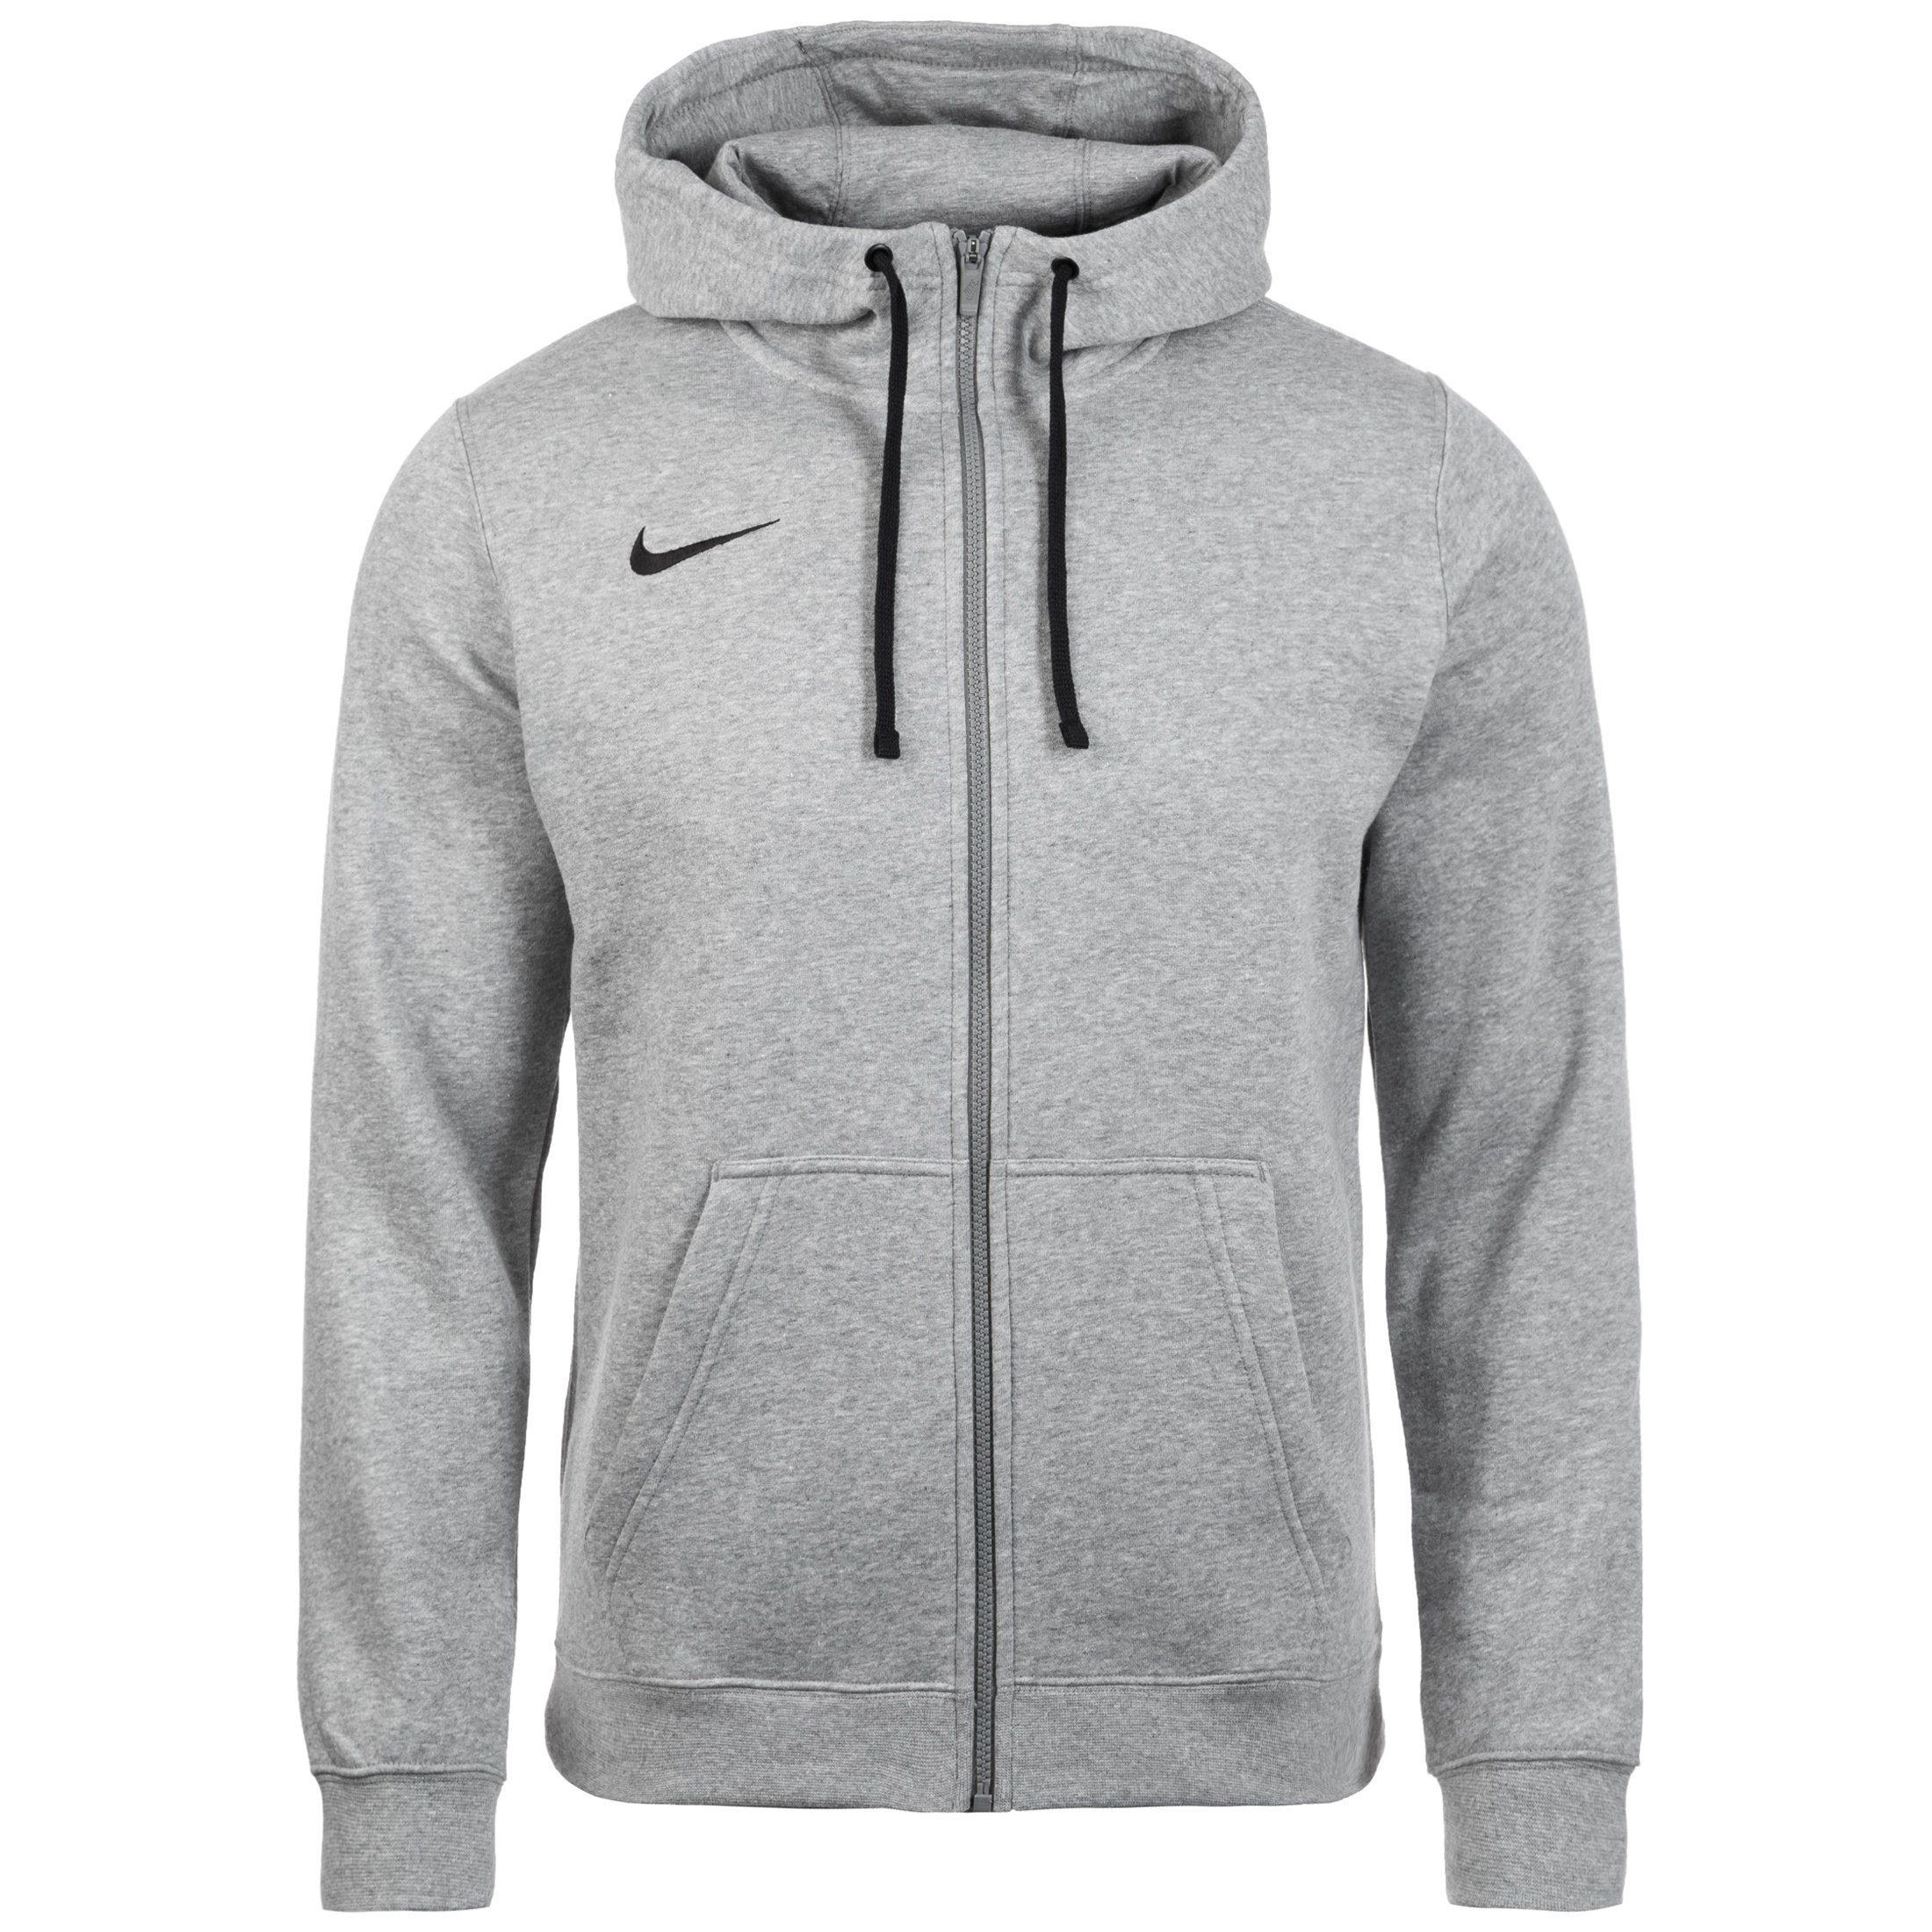 Nike Trainingsjacke Full Zip Flc Club19 | Sportbekleidung > Sportjacken > Trainingsjacken | Grau | Fleece | Nike